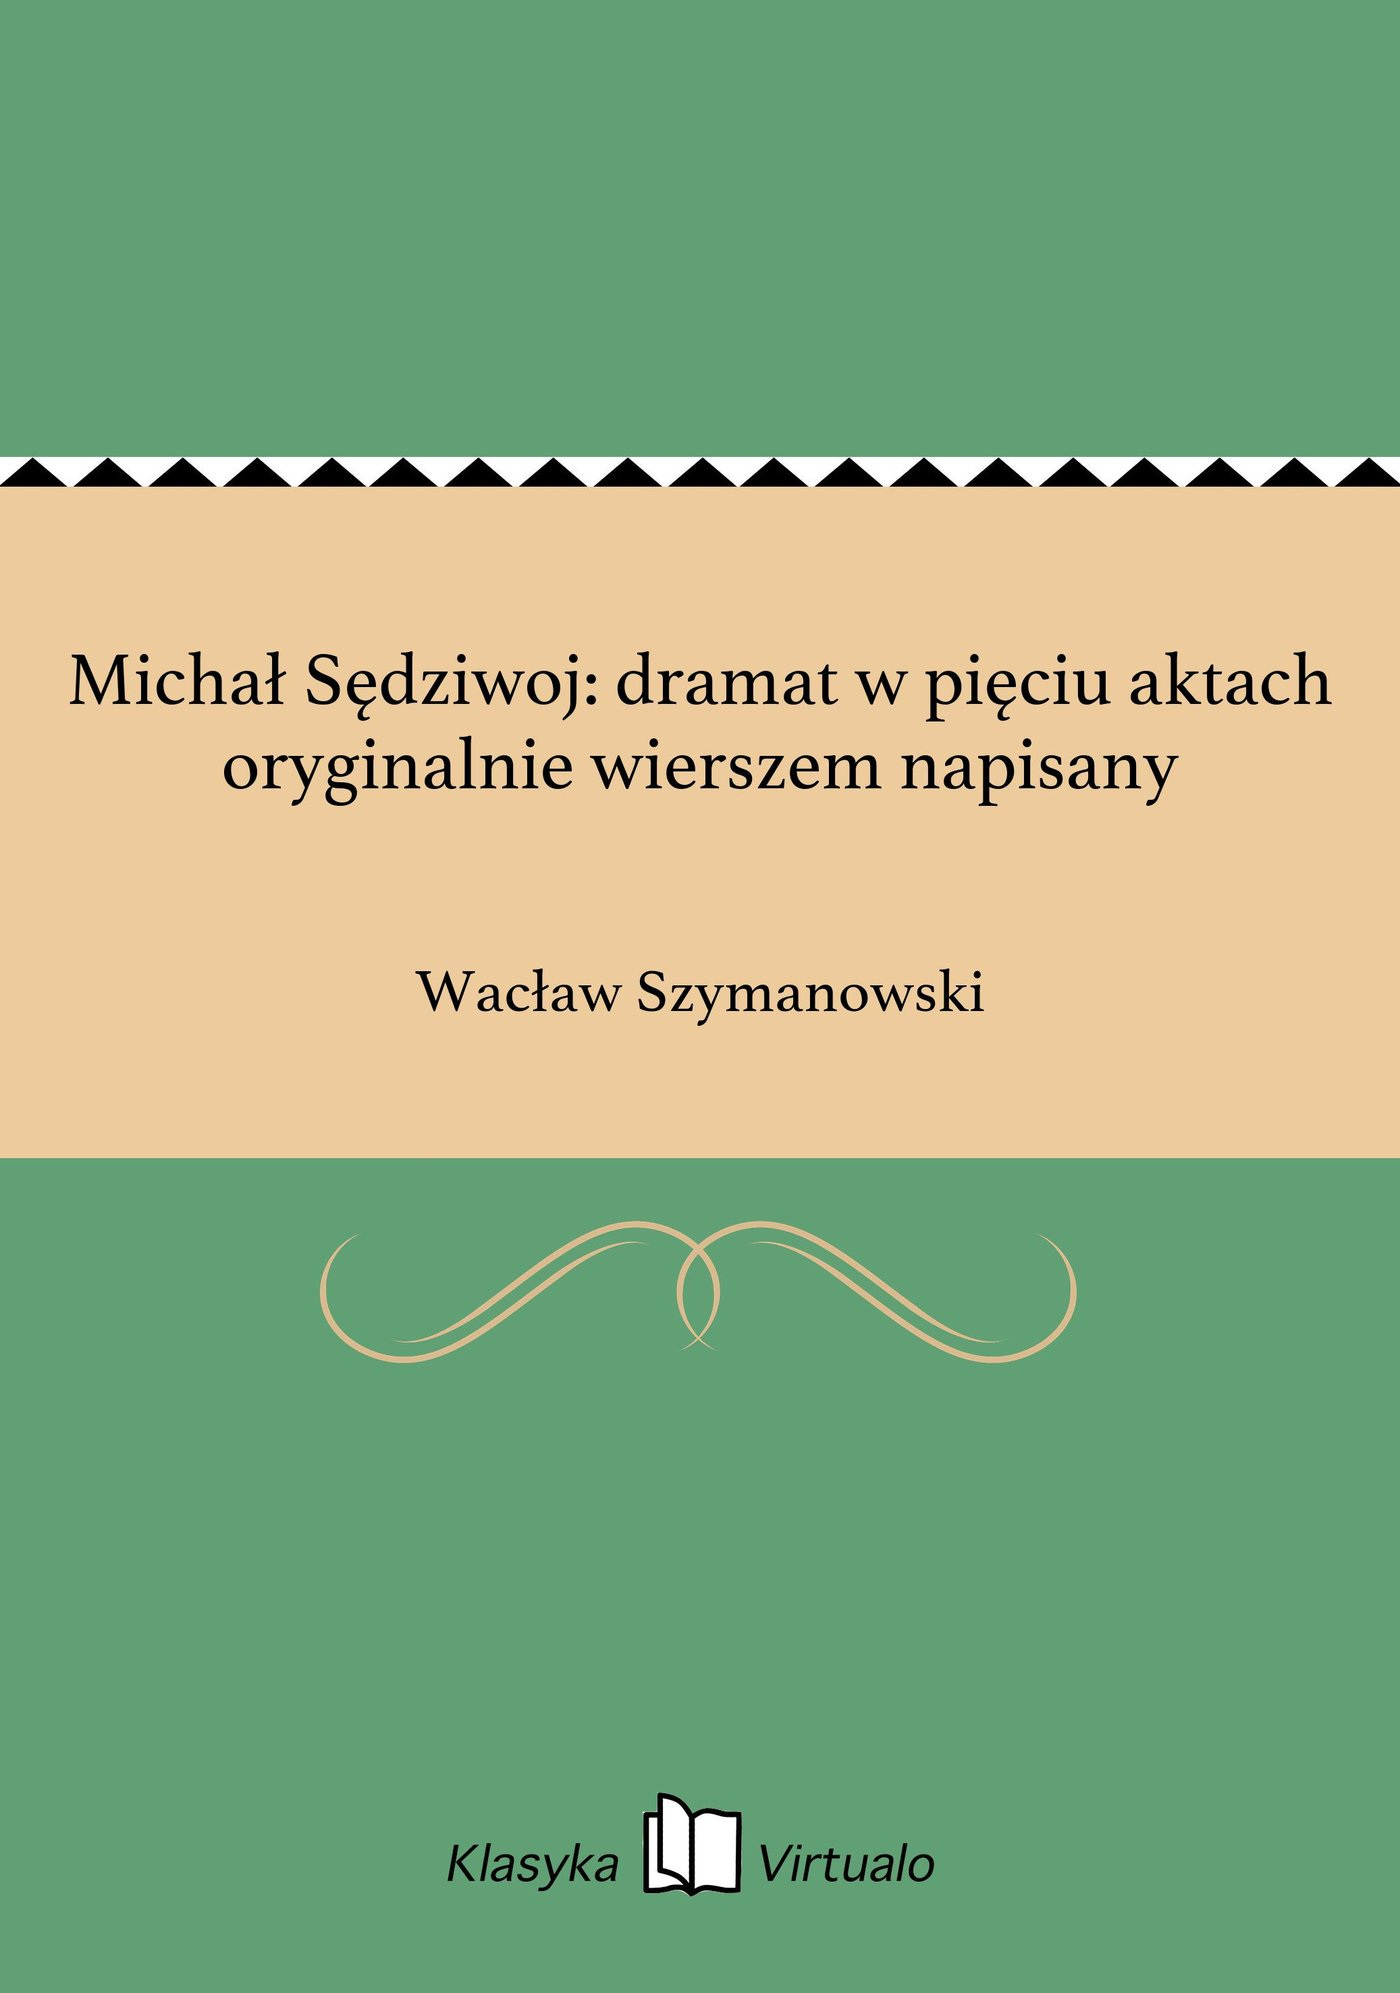 Michał Sędziwoj: dramat w pięciu aktach oryginalnie wierszem napisany - Ebook (Książka EPUB) do pobrania w formacie EPUB